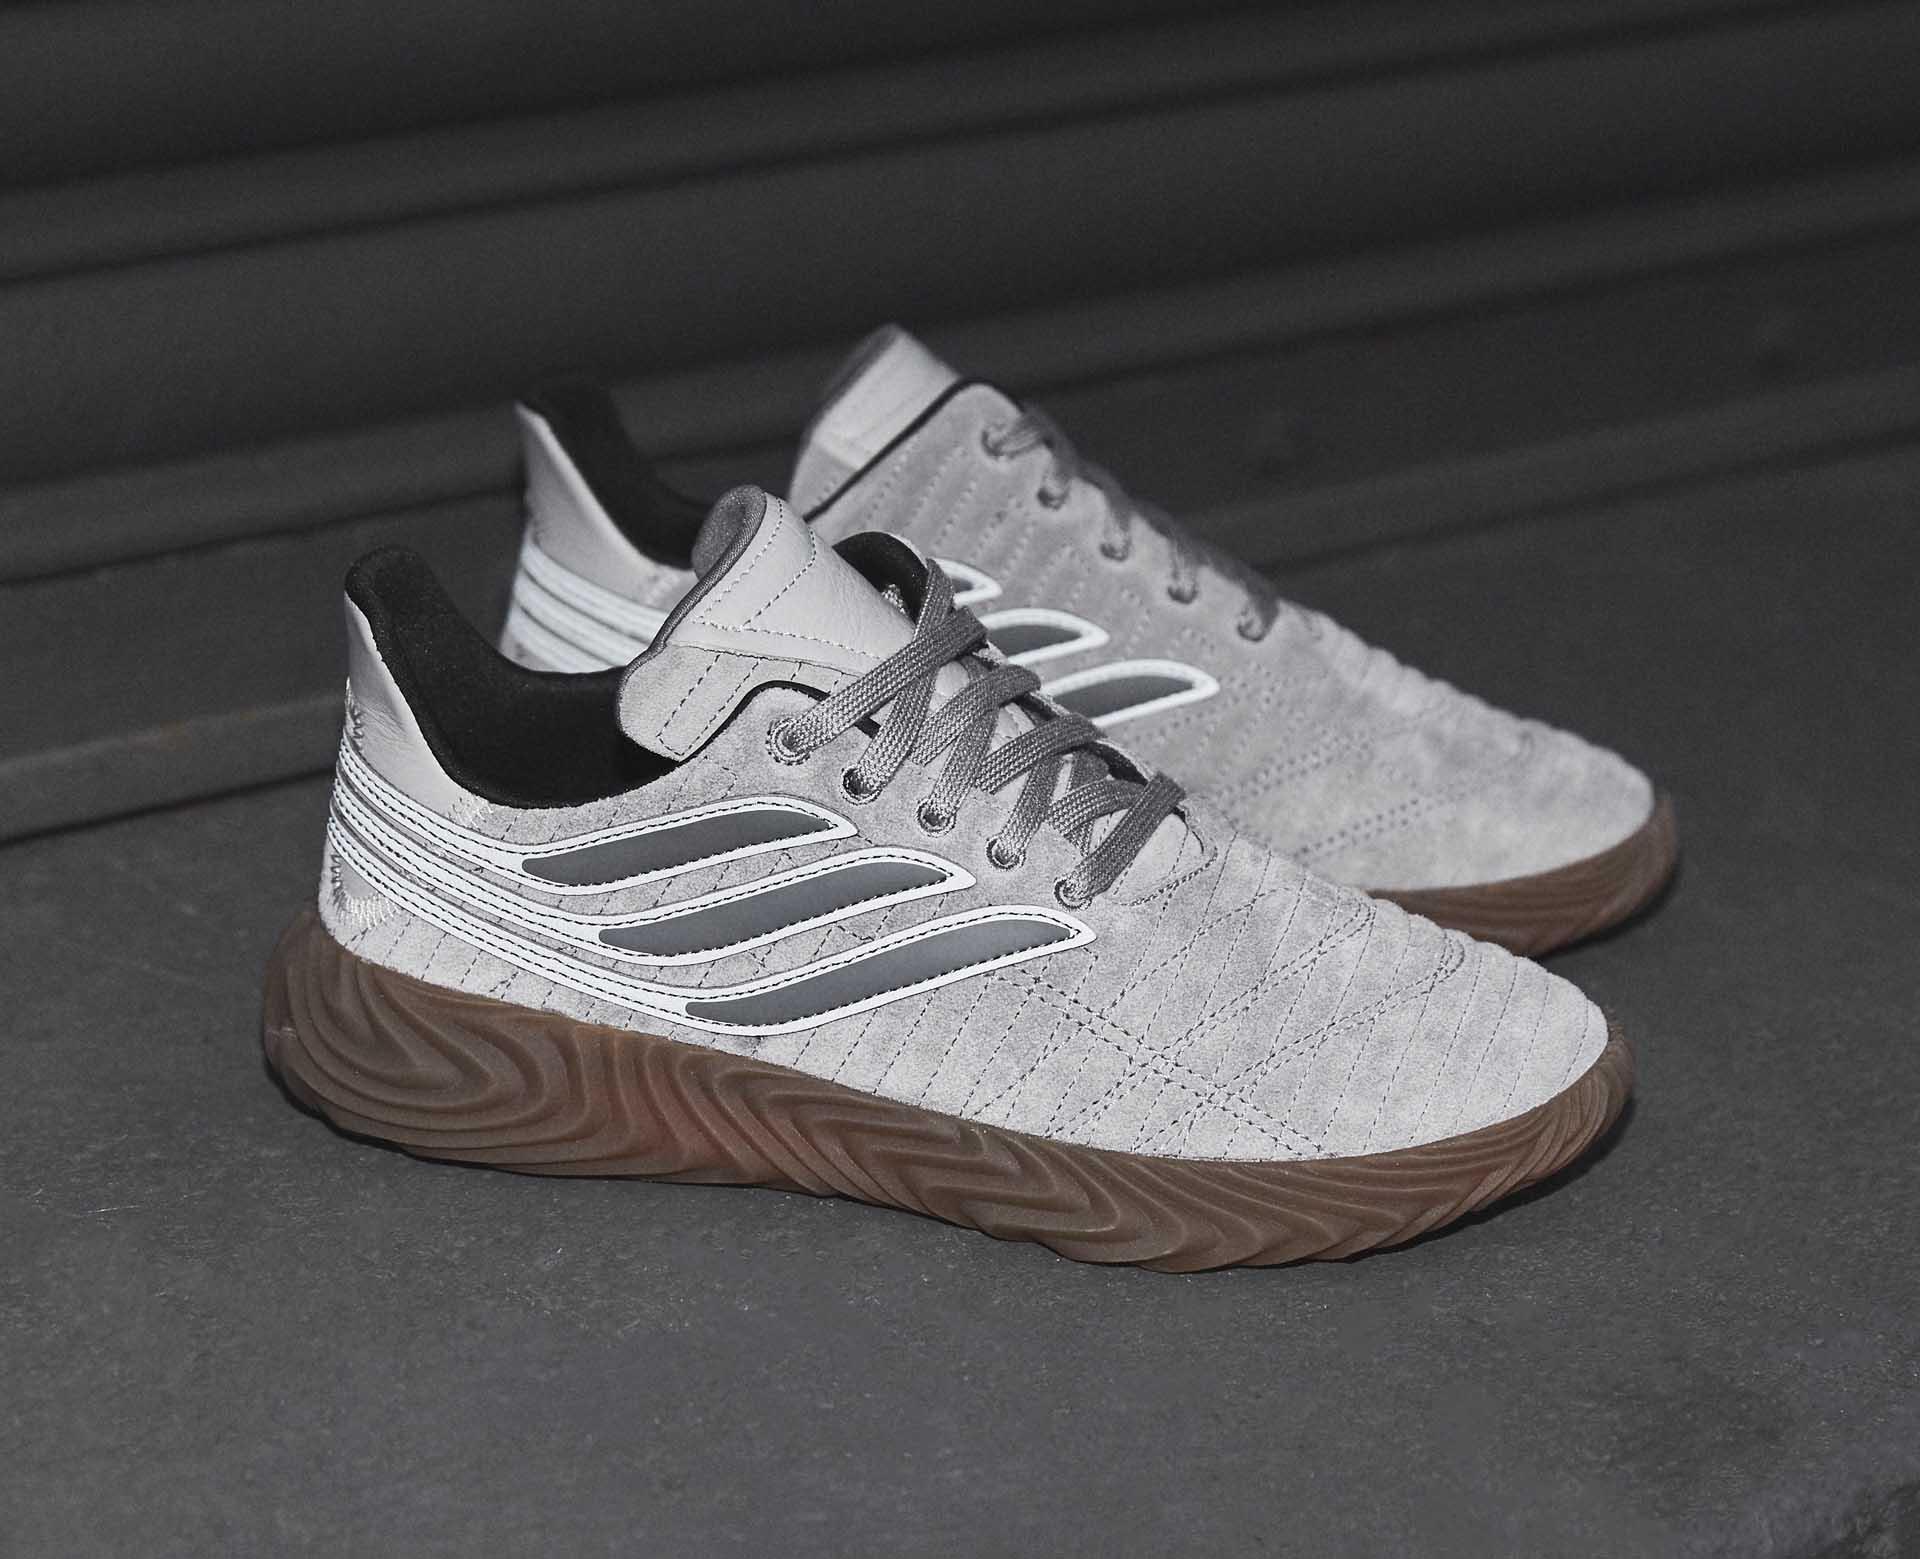 5-adidas-sobakov-suede-grey-min.jpg